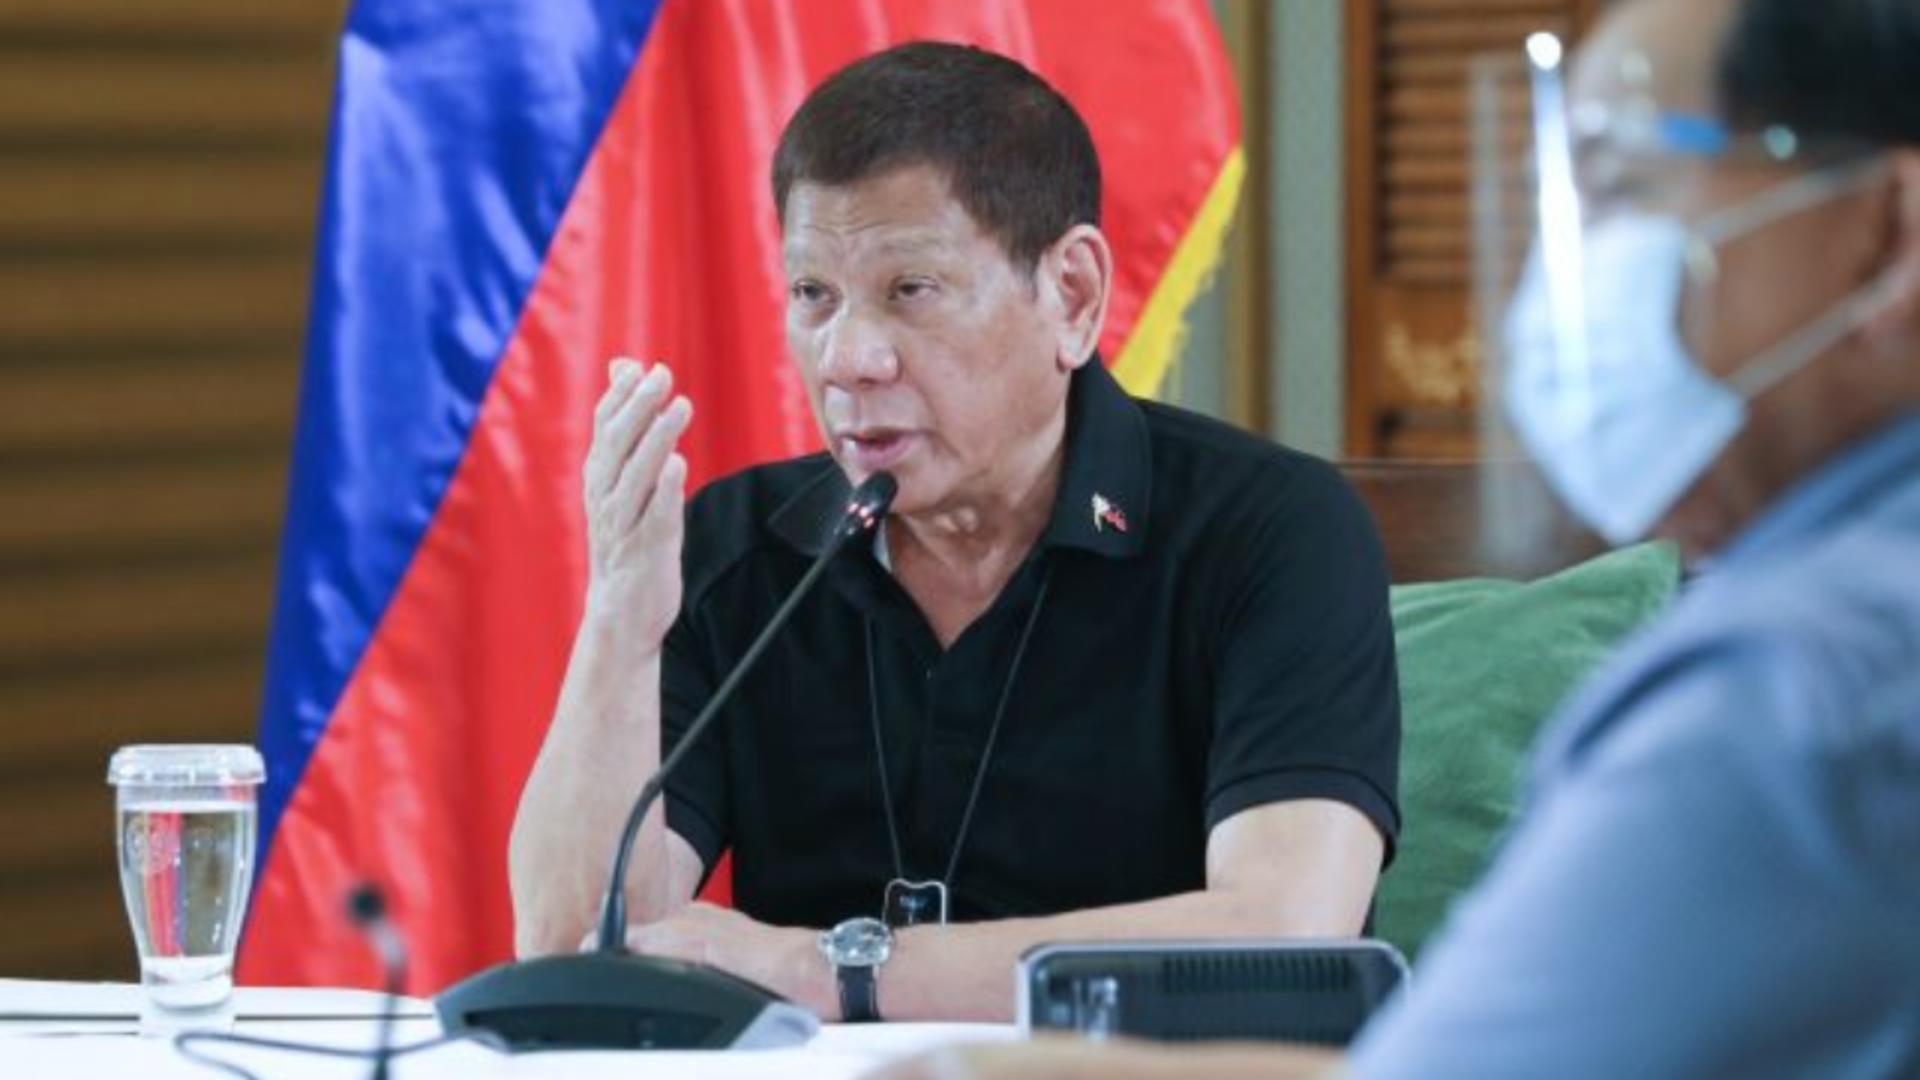 Propunere șocantă a unui președinte din Asia: Cei care știu că sunt bolnavi COVID-19 și provoacă moartea altora prin infectare să fie acuzați de crimă